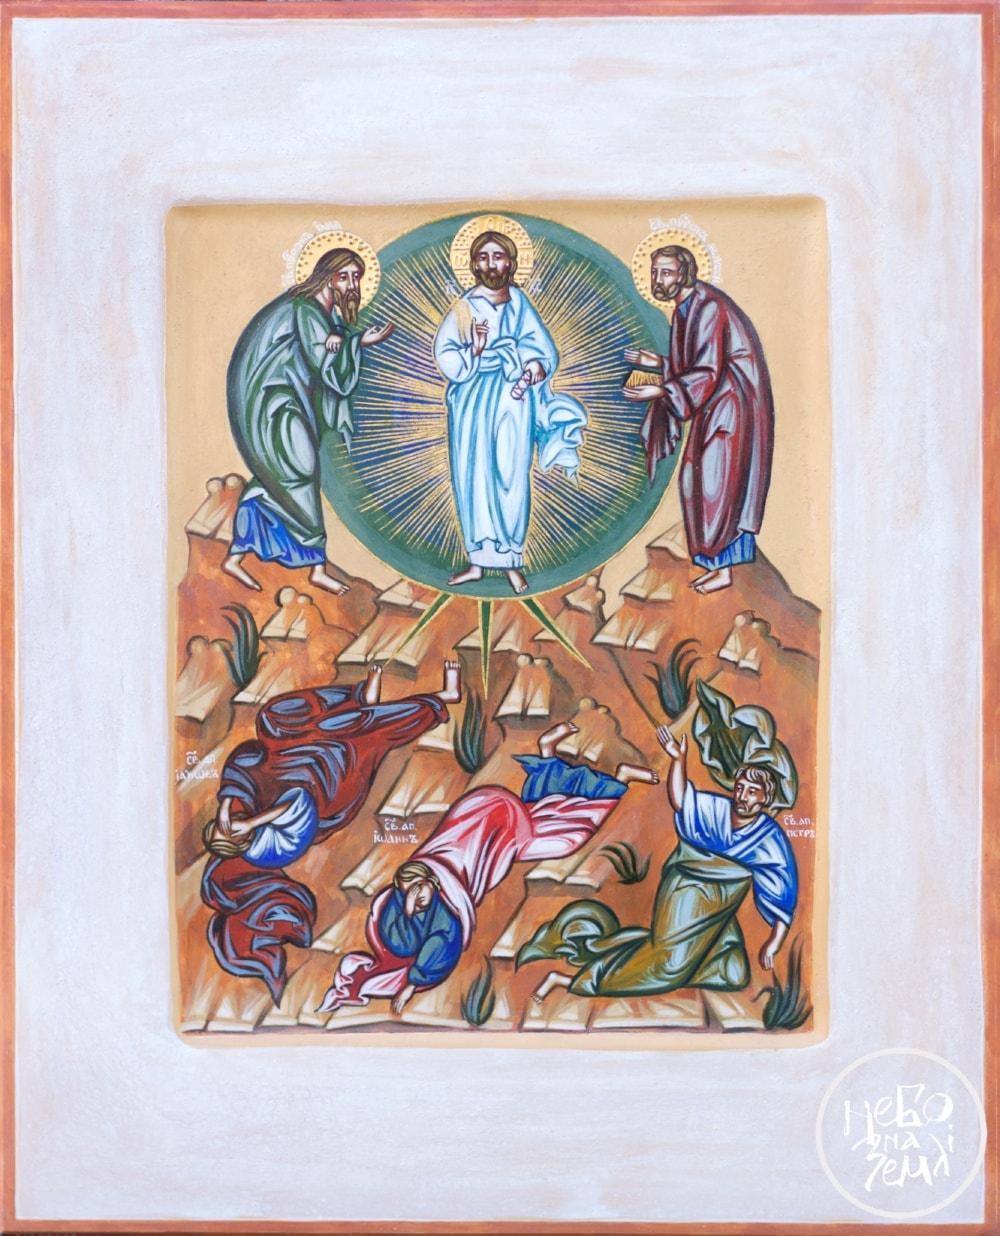 Икона - Вознесение Господне / ikona.ua